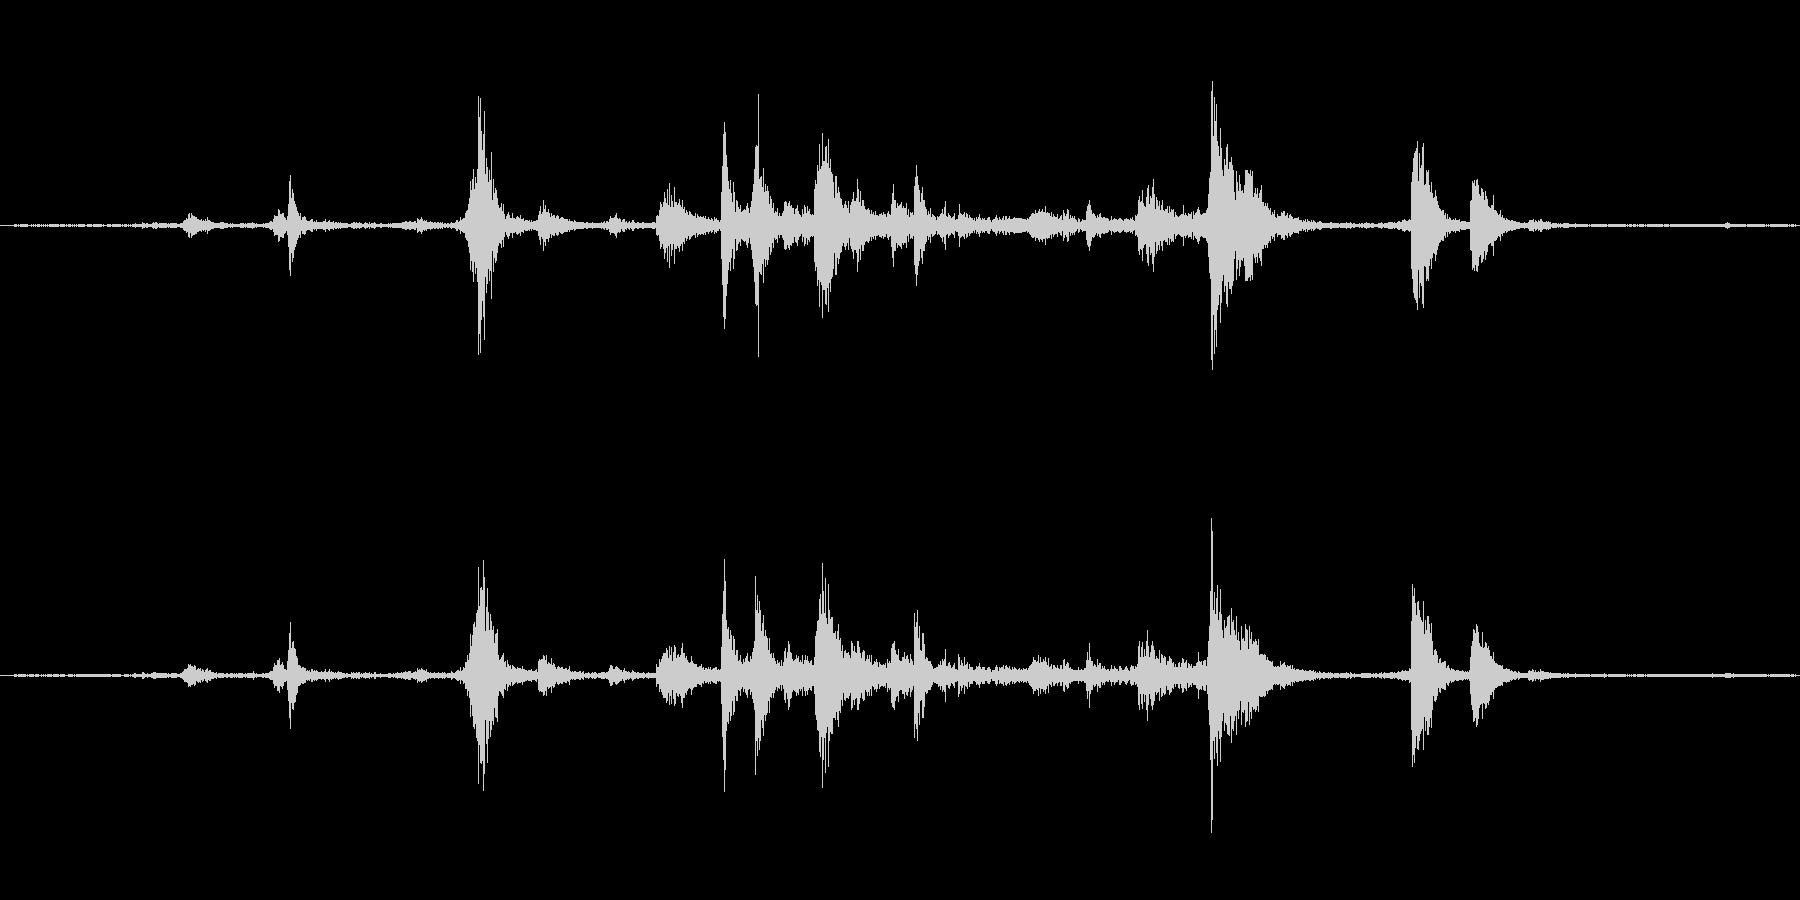 食器(ステンレス製)の音ですの未再生の波形